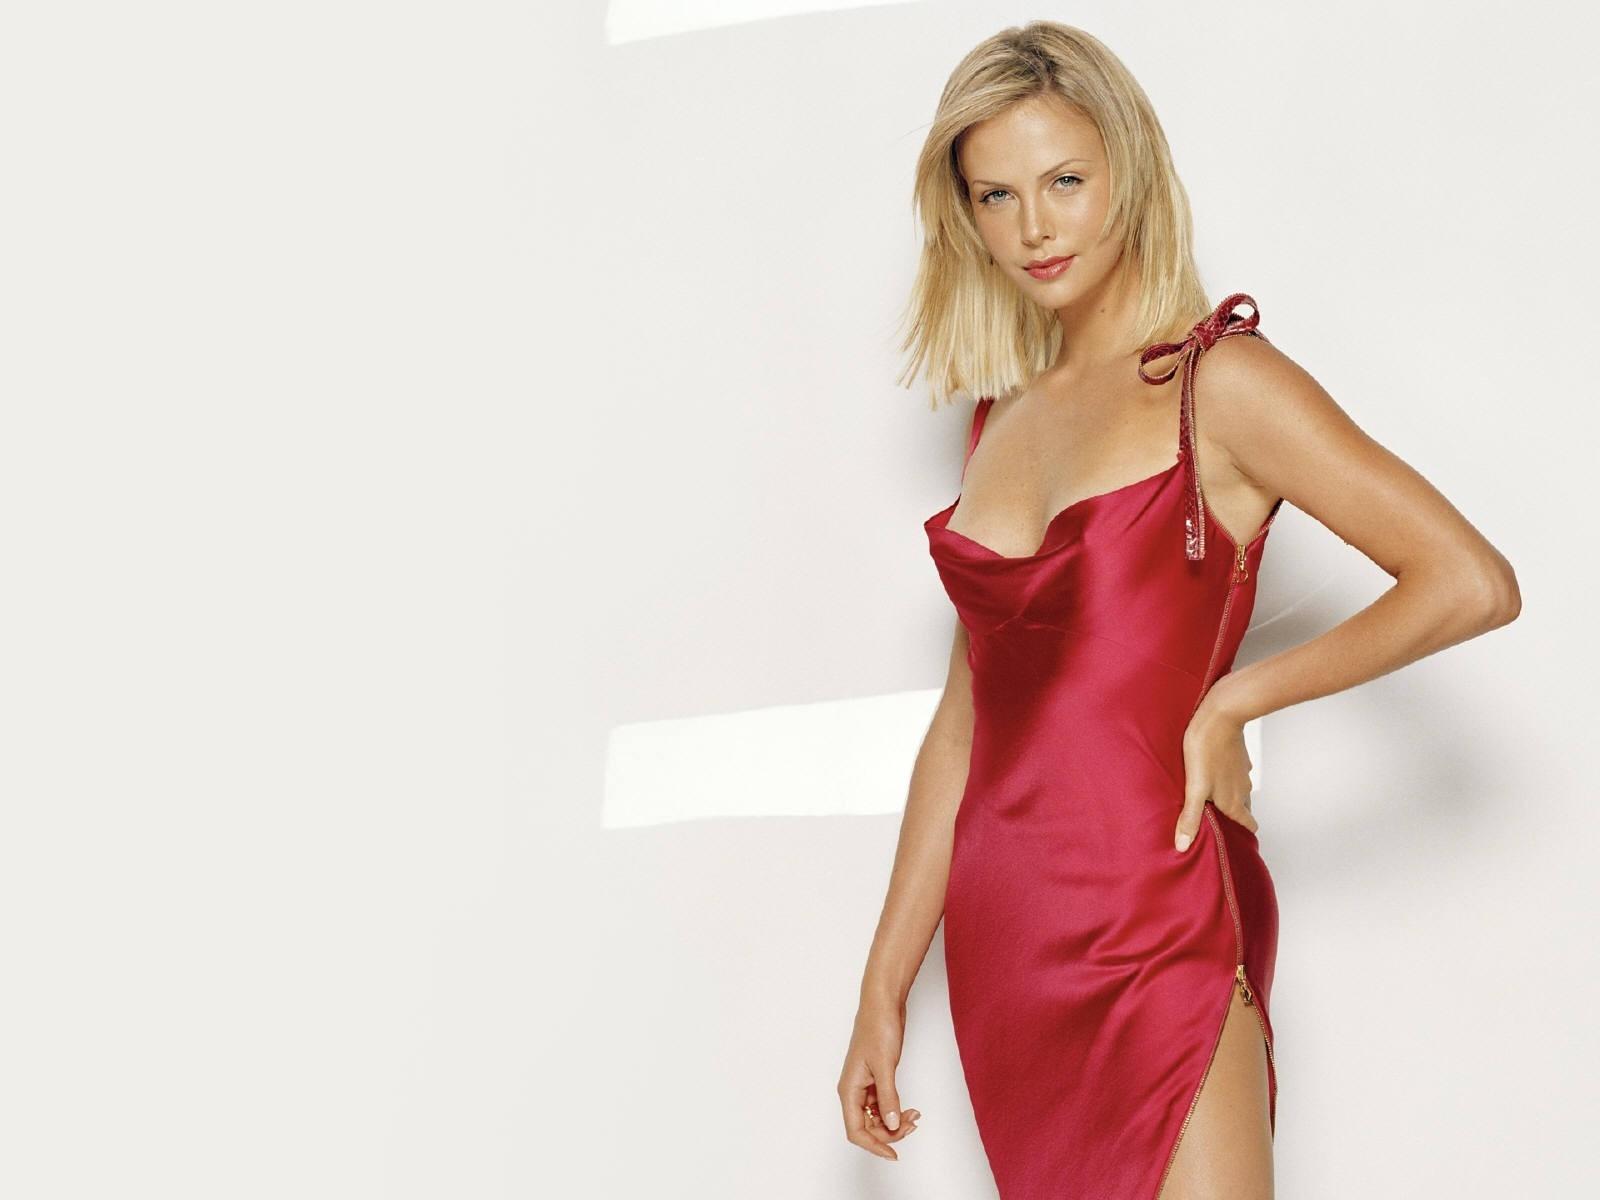 Wallpaper di Charlize Theron, splendida signora in rosso